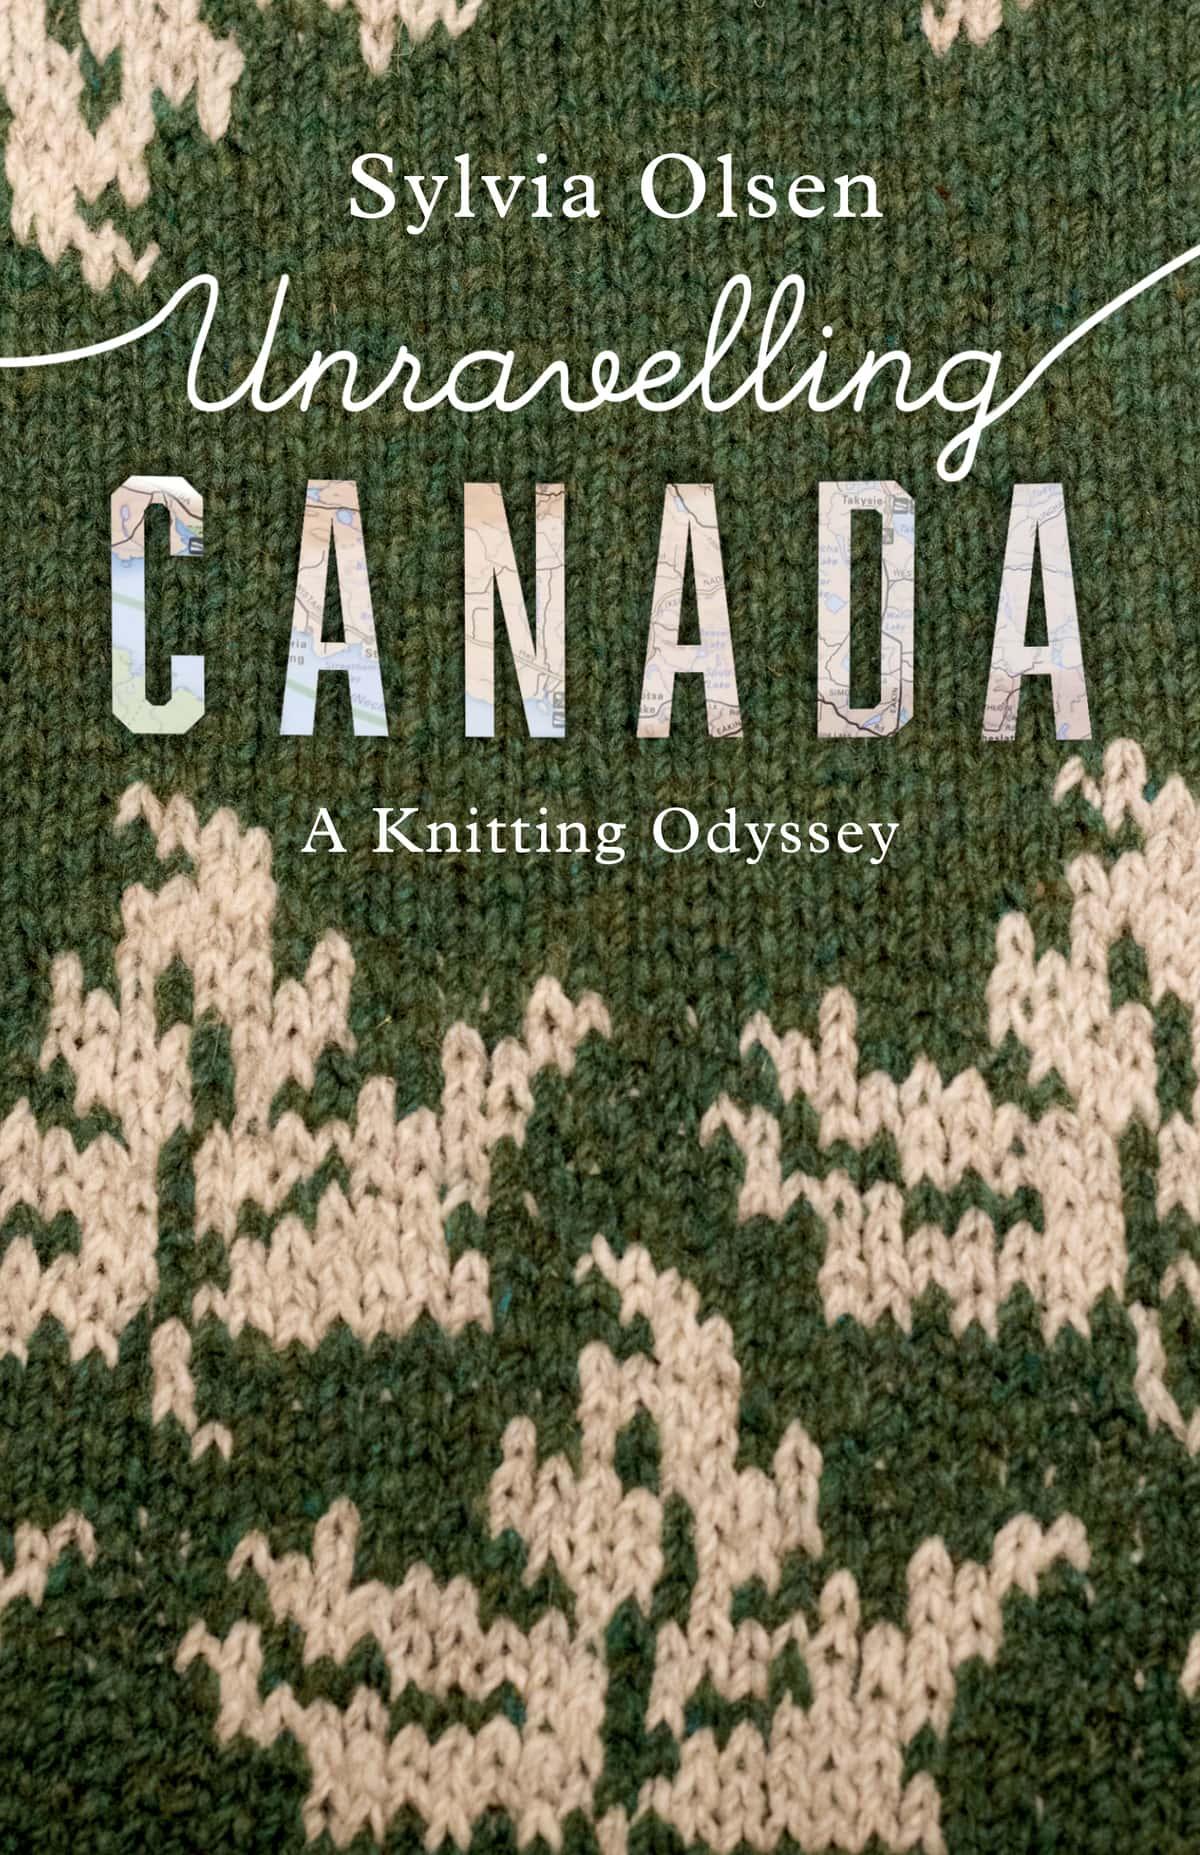 Image description: the cover of Sylvia Olsen's book ....